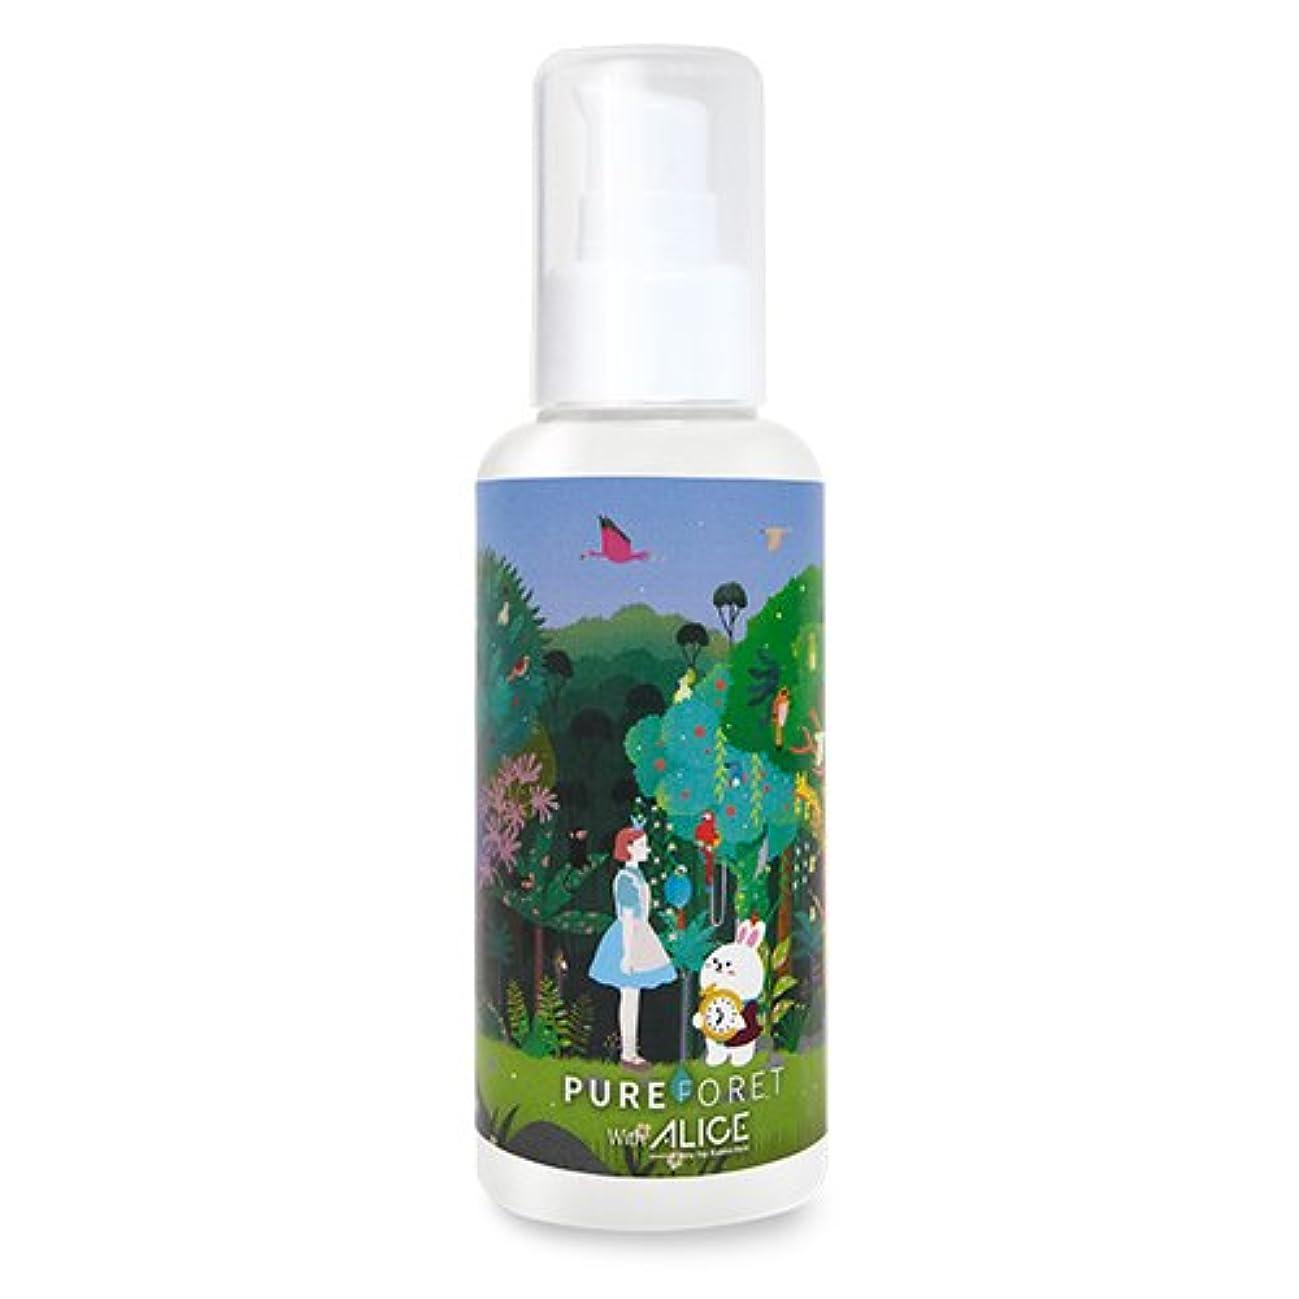 ダニ日食殉教者韓国産 Pureforet x Alice スキンリペア ハイドレーティング スキン 化粧水 (150ml)